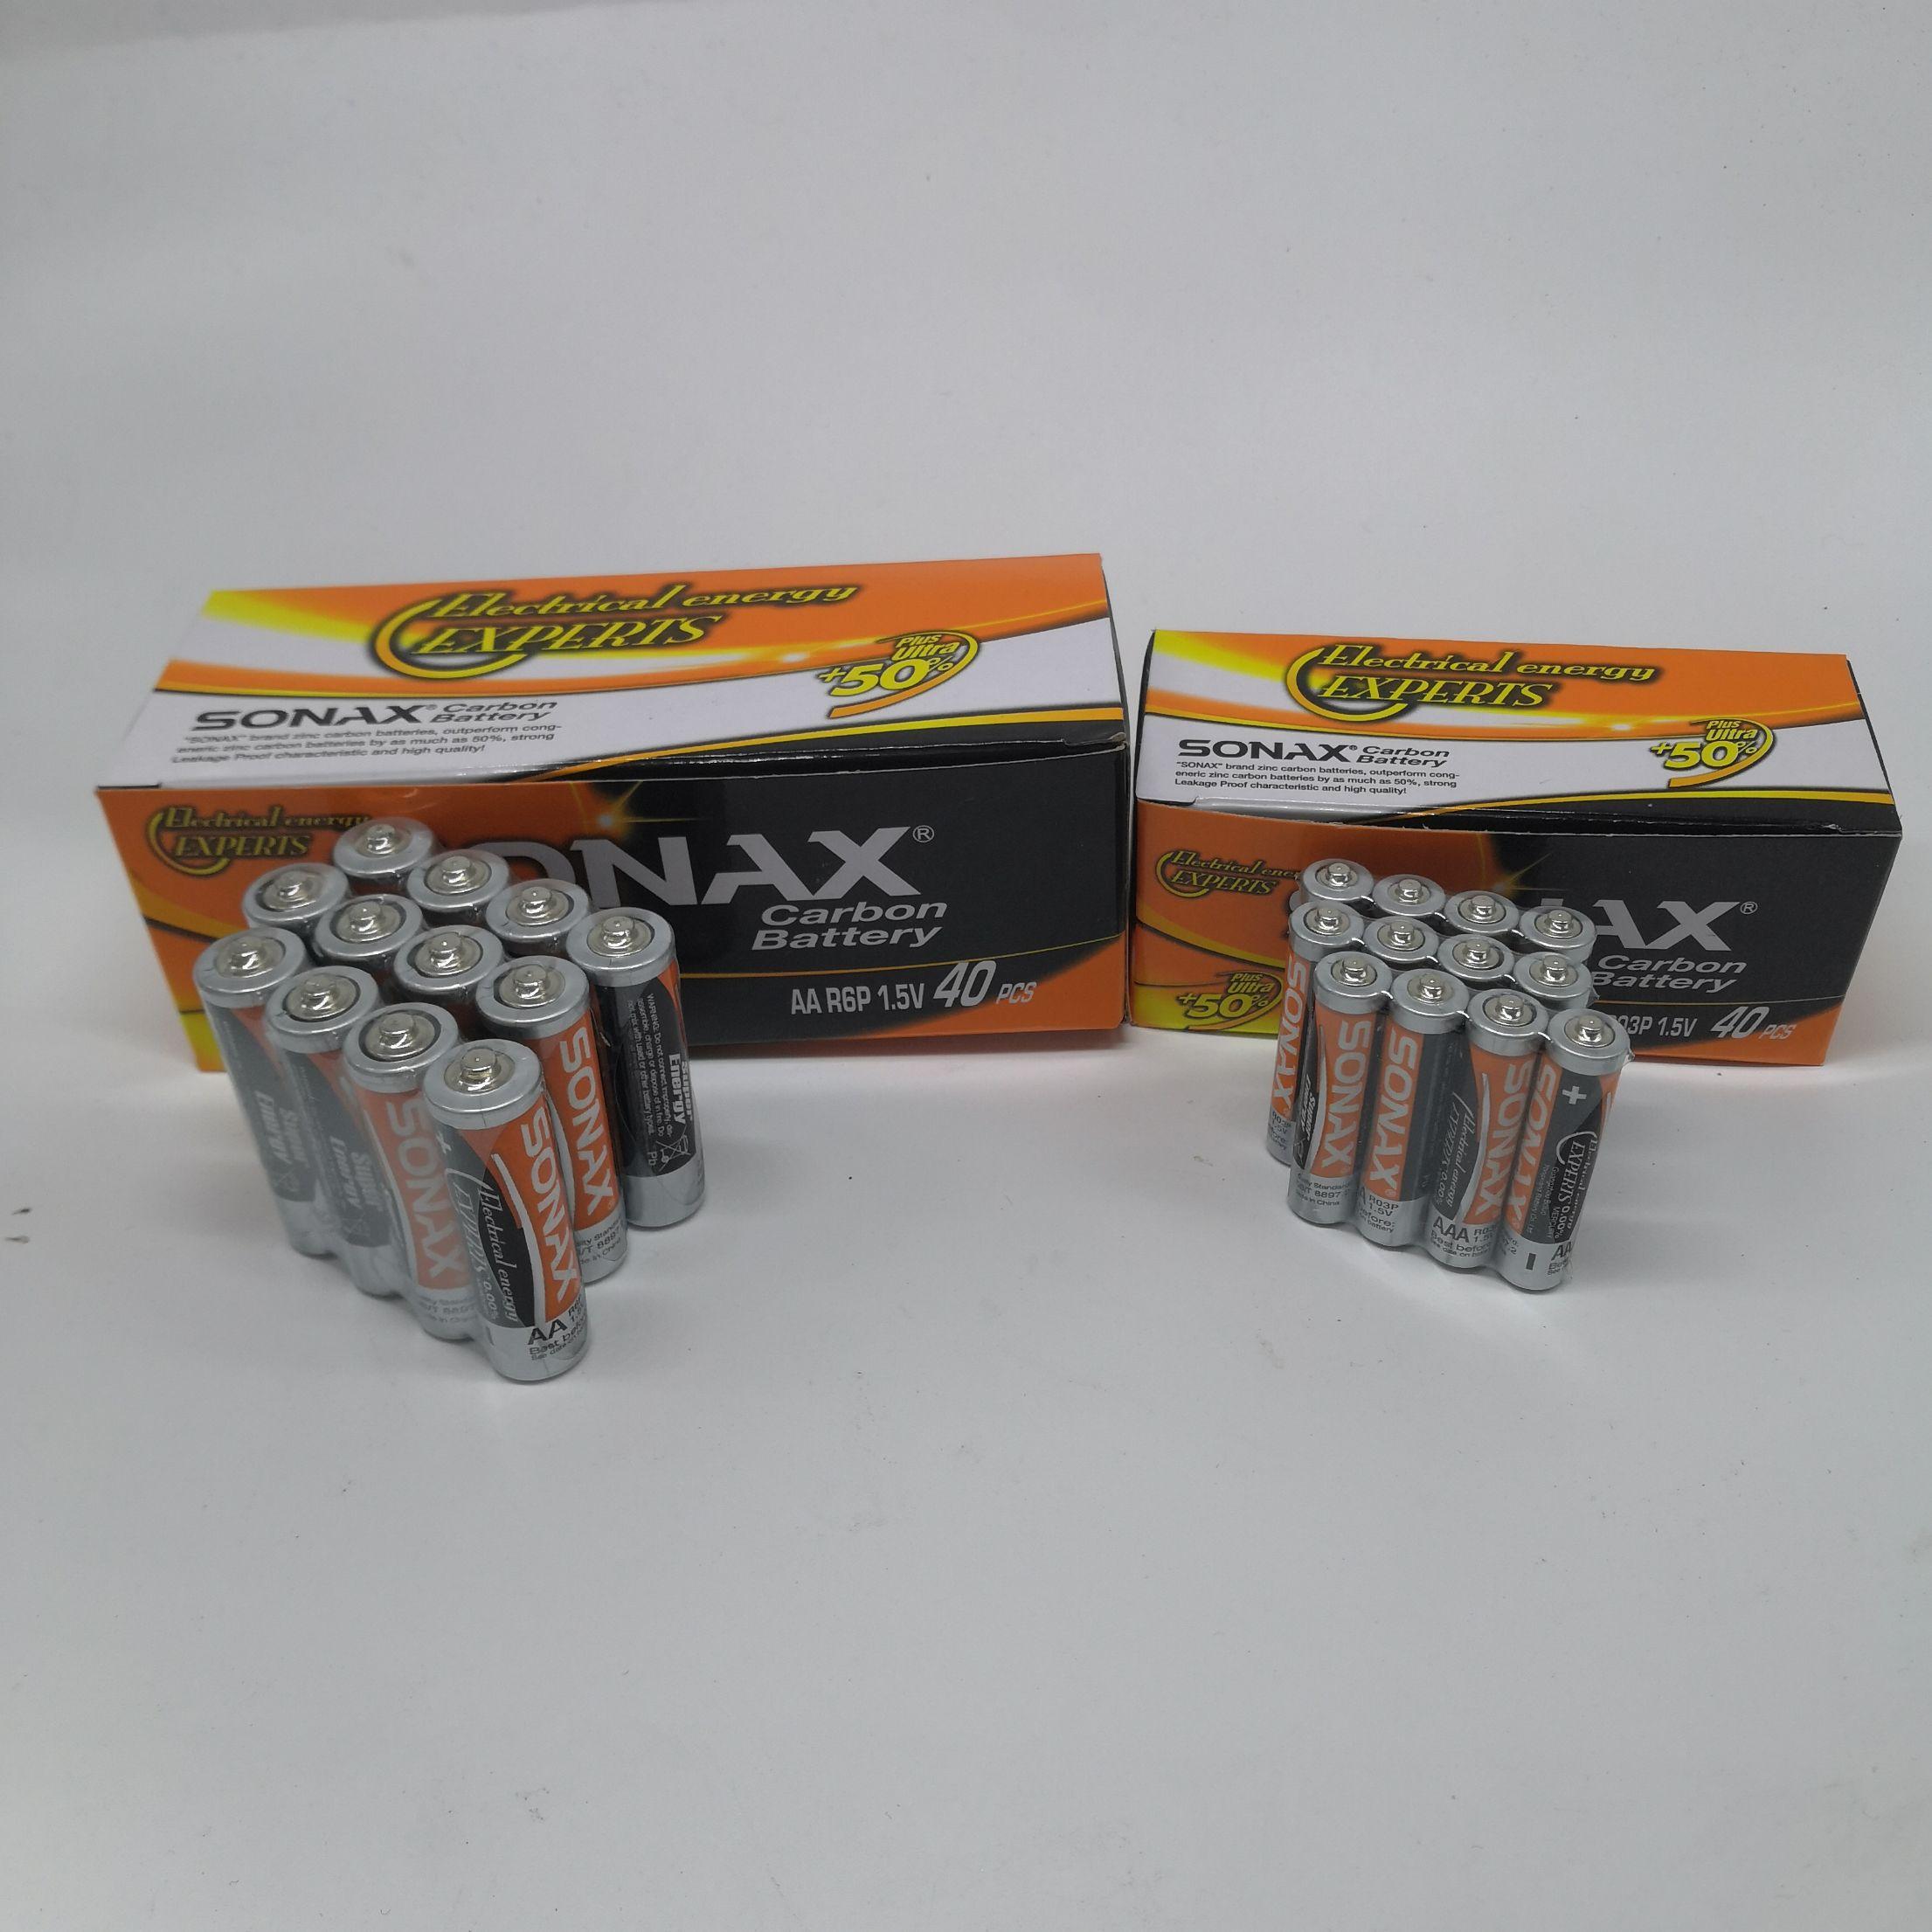 SONAX碳性电池5号7号AA/AAA玩具钟表计算器遥控器